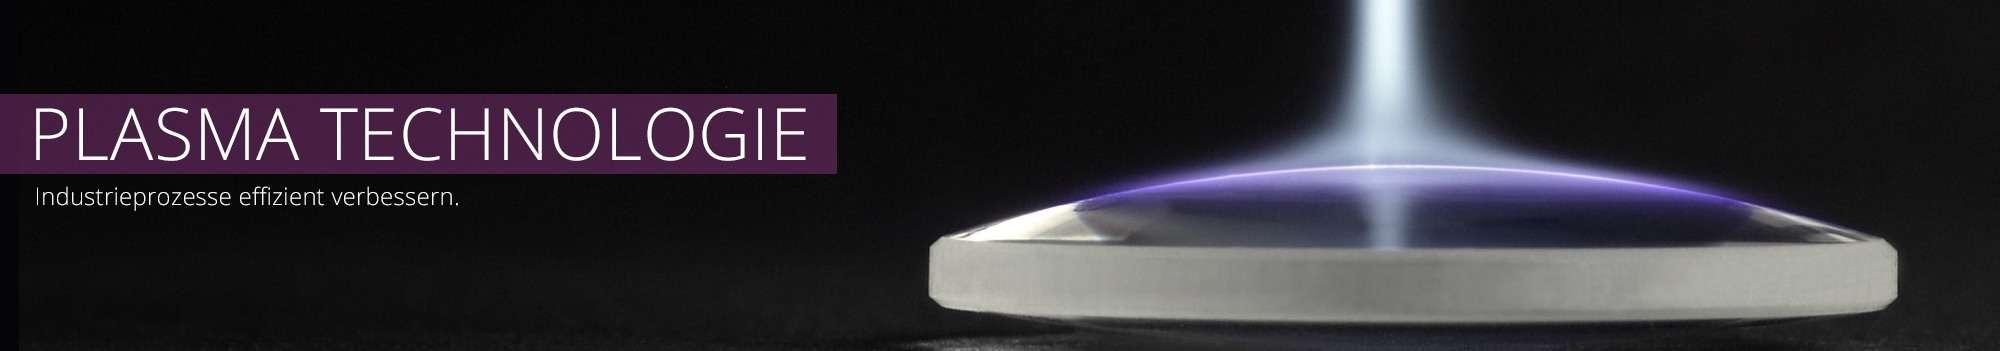 Plasmatechnologie – Industrieprozesse effizient verbessern.